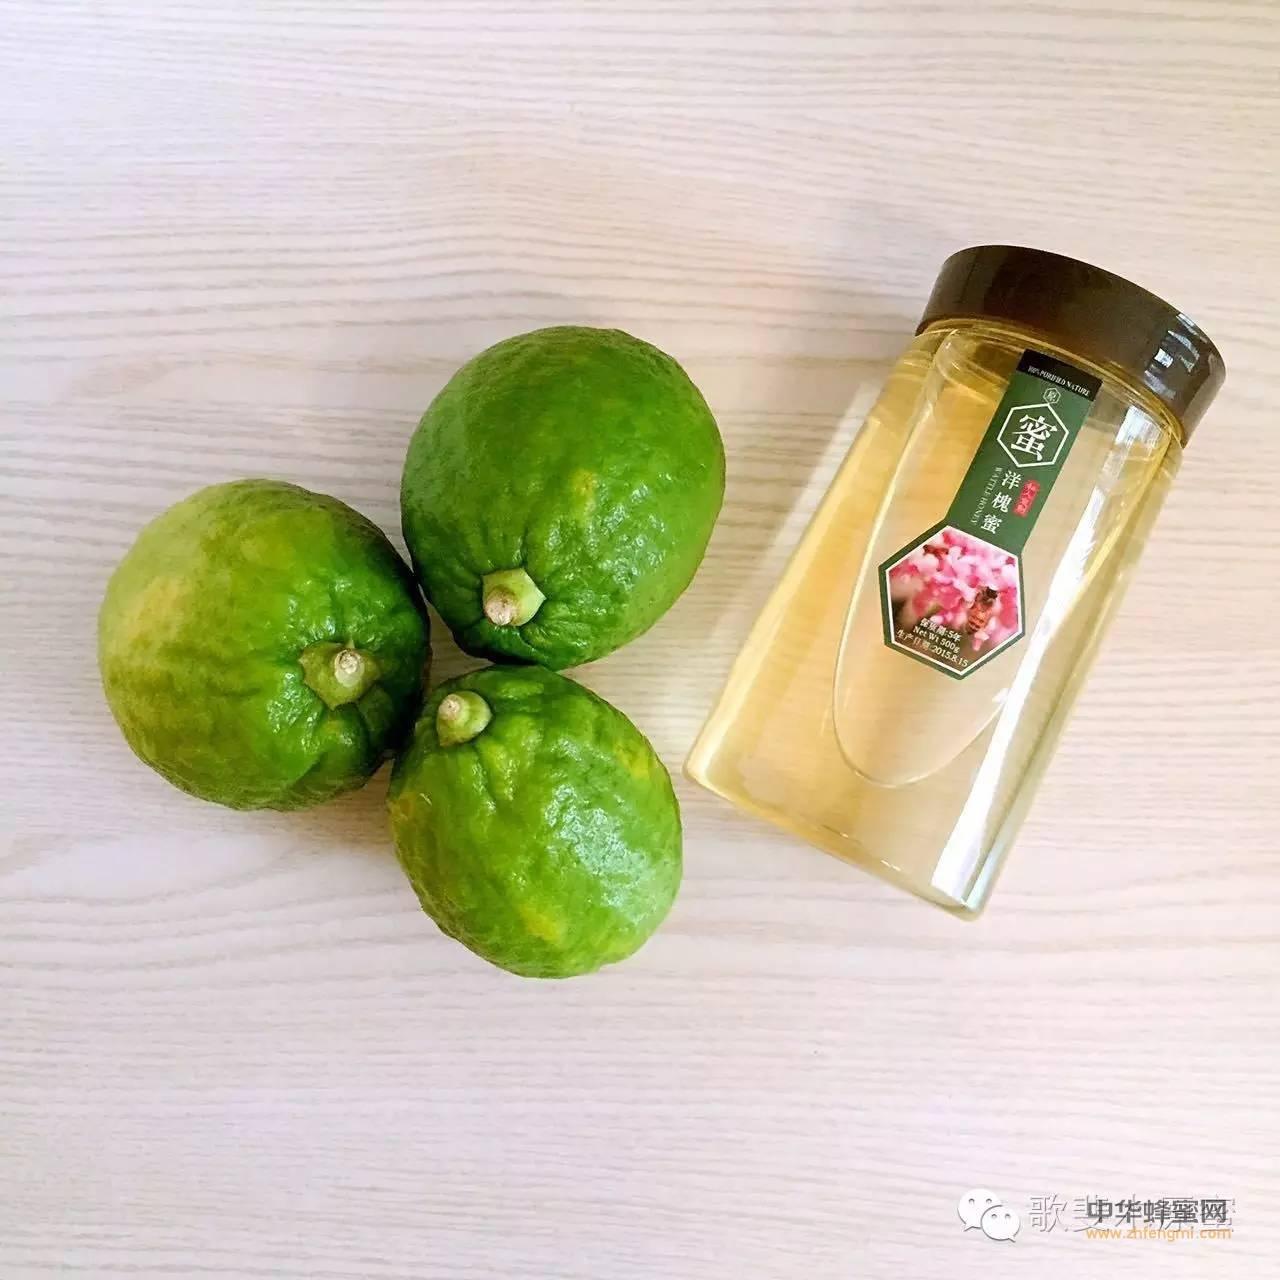 喝柠檬蜂蜜水/柠檬精油真能让身材变苗条吗?能让皮肤变白吗?柠檬水到底是酸性食品还是碱性食品?